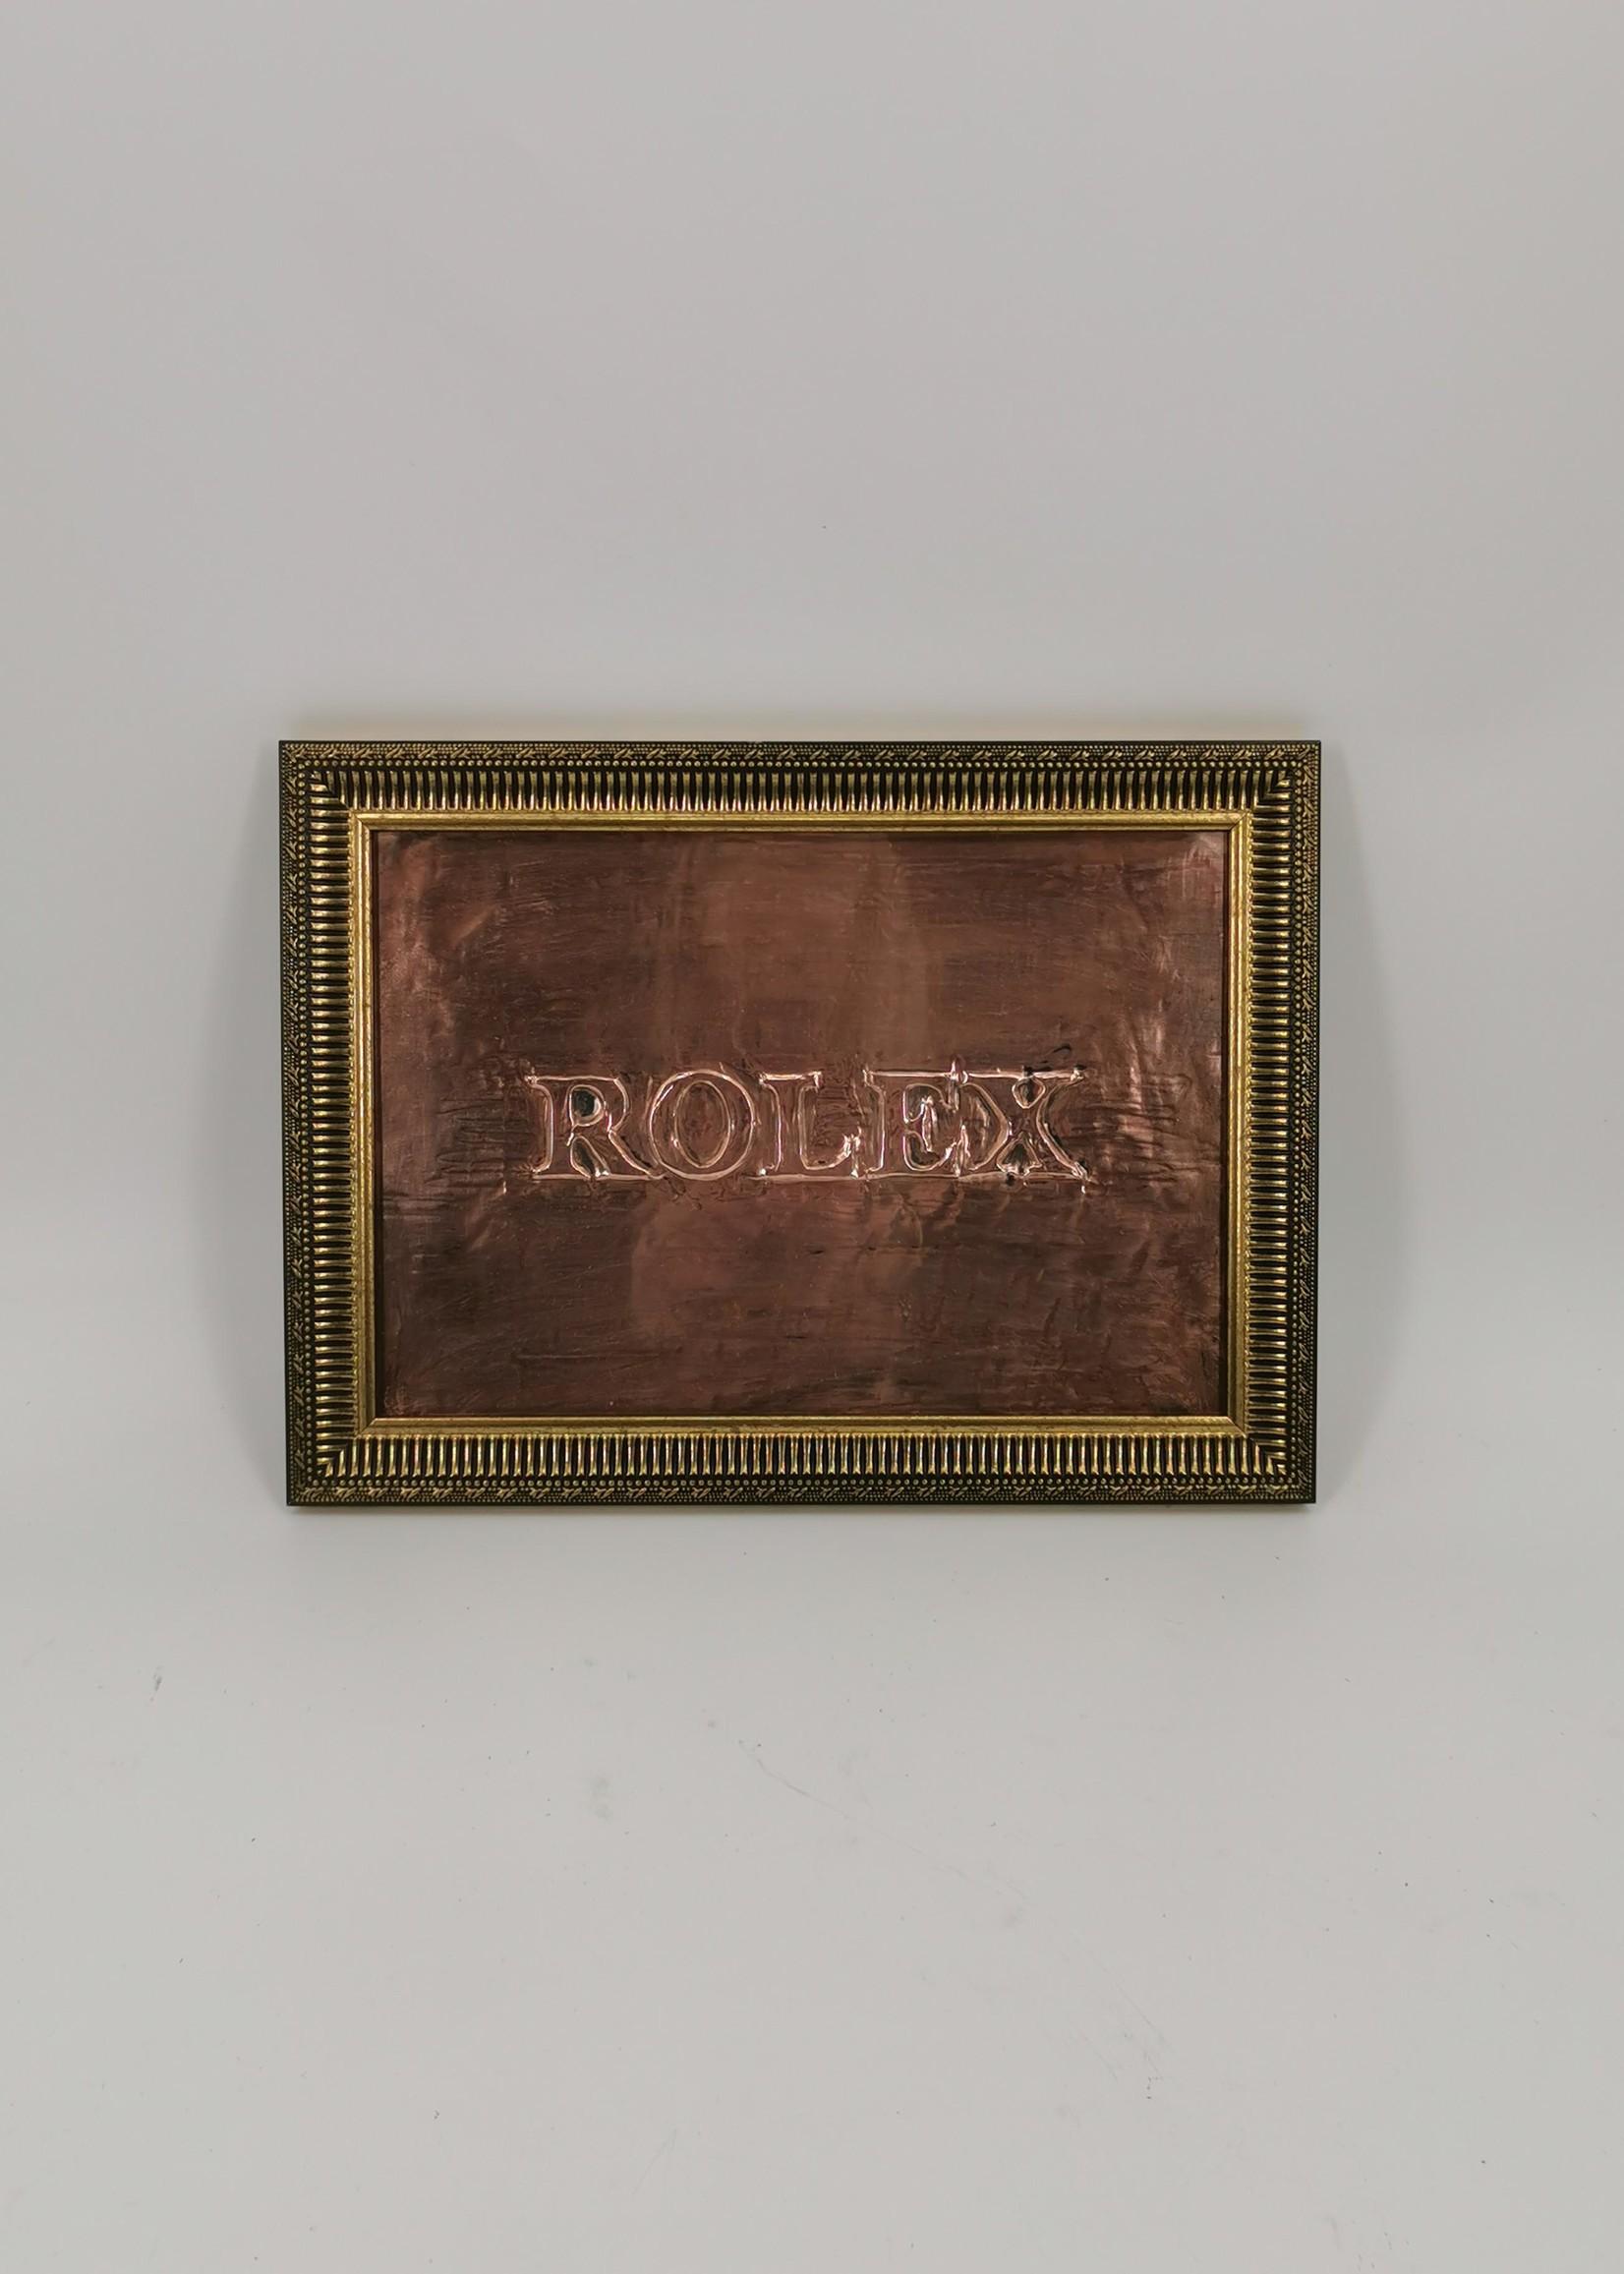 Rolex reclamebord